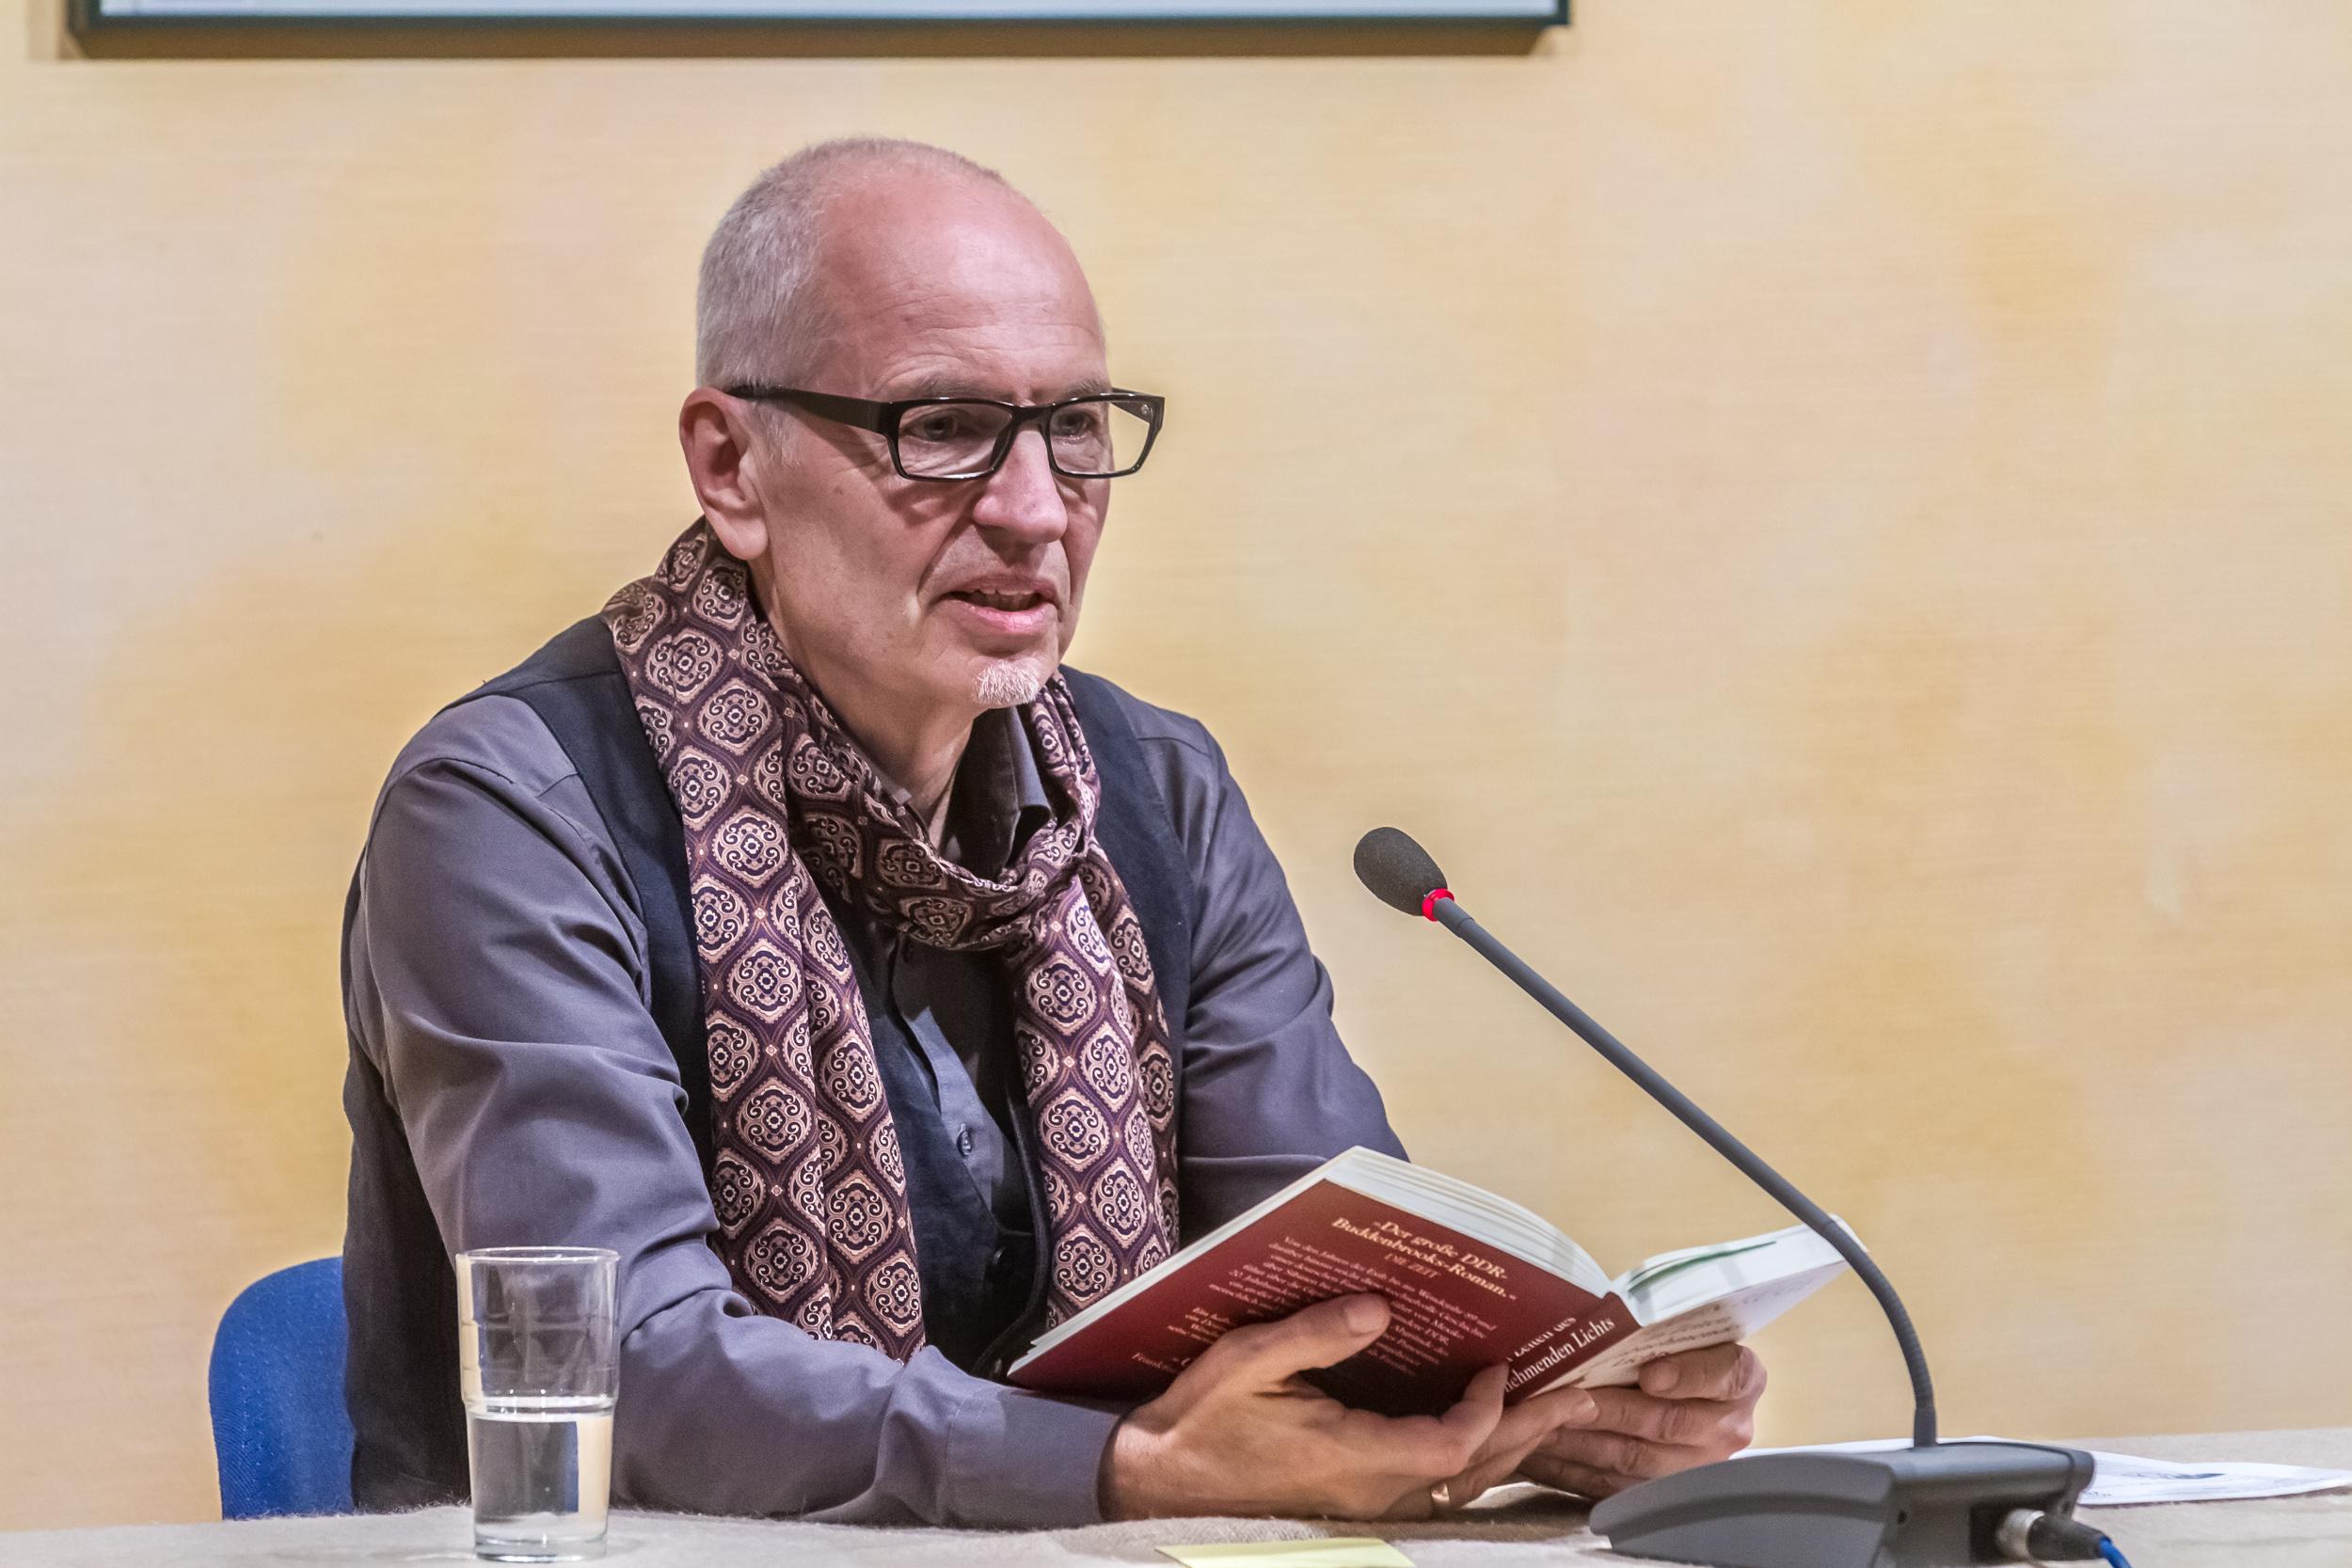 Eugen Ruge liest in Wittenberg. Foto: Baumbach